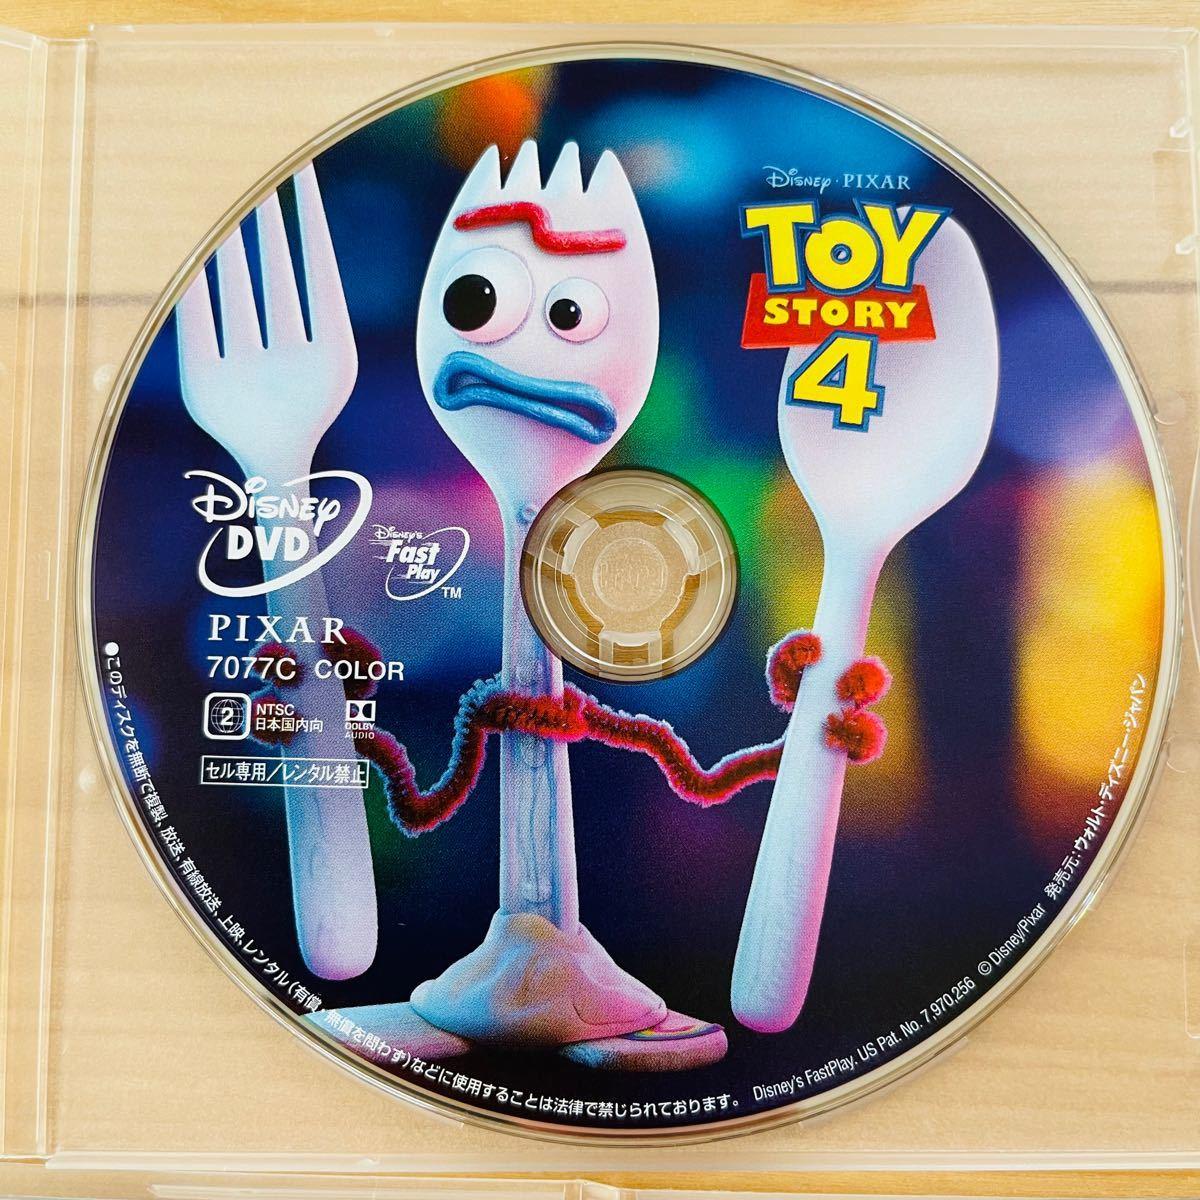 【DVD3枚セット】トイストーリー4、美女と野獣、アナと雪の女王2 未使用 ディズニープリンセス 新品未再生 MOVIENEX